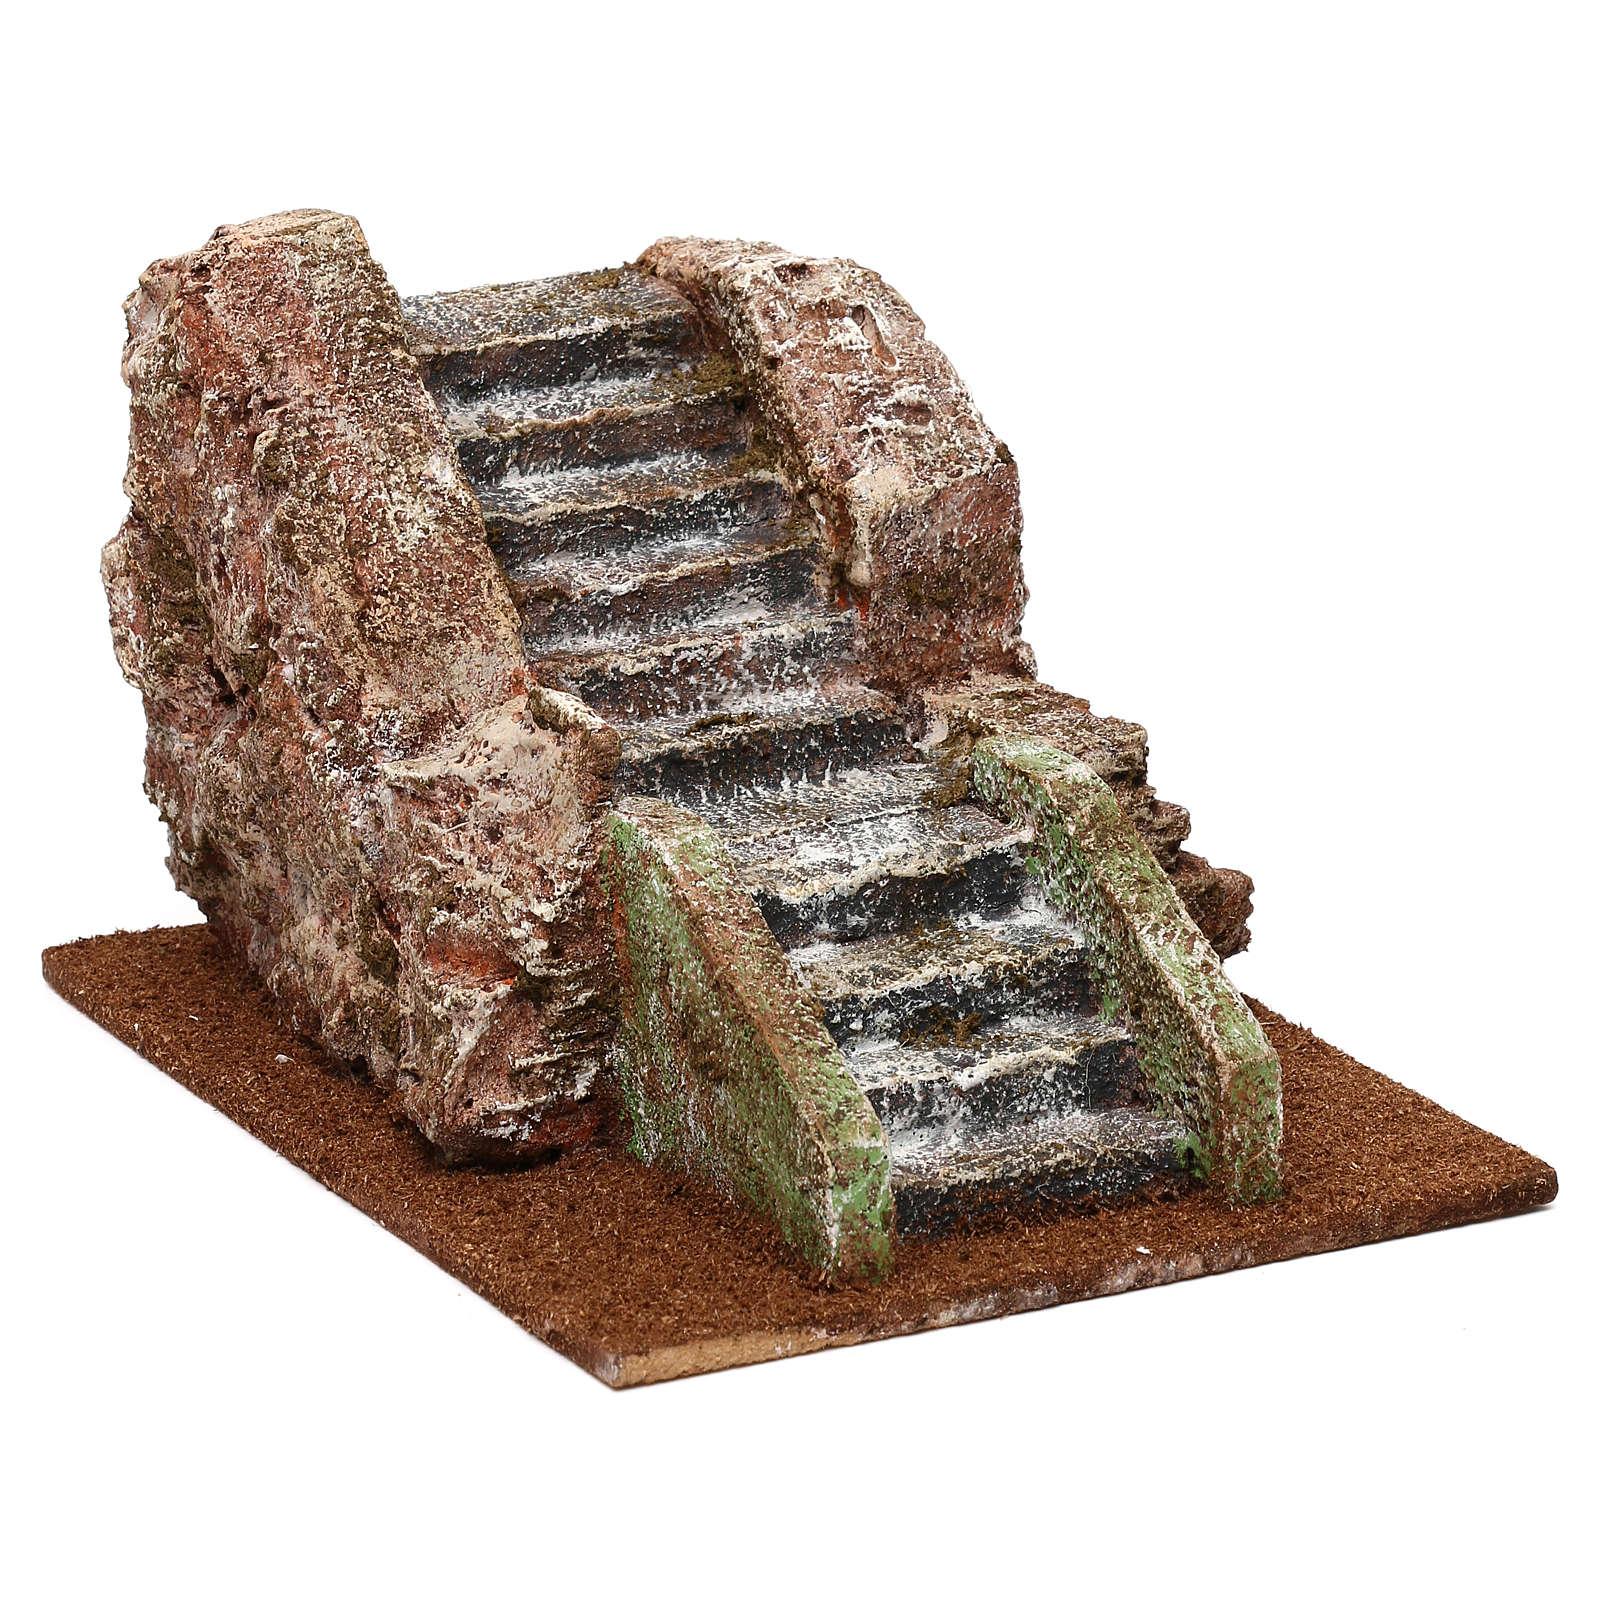 Escalier de crèche ancien 11x14x19 cm 4